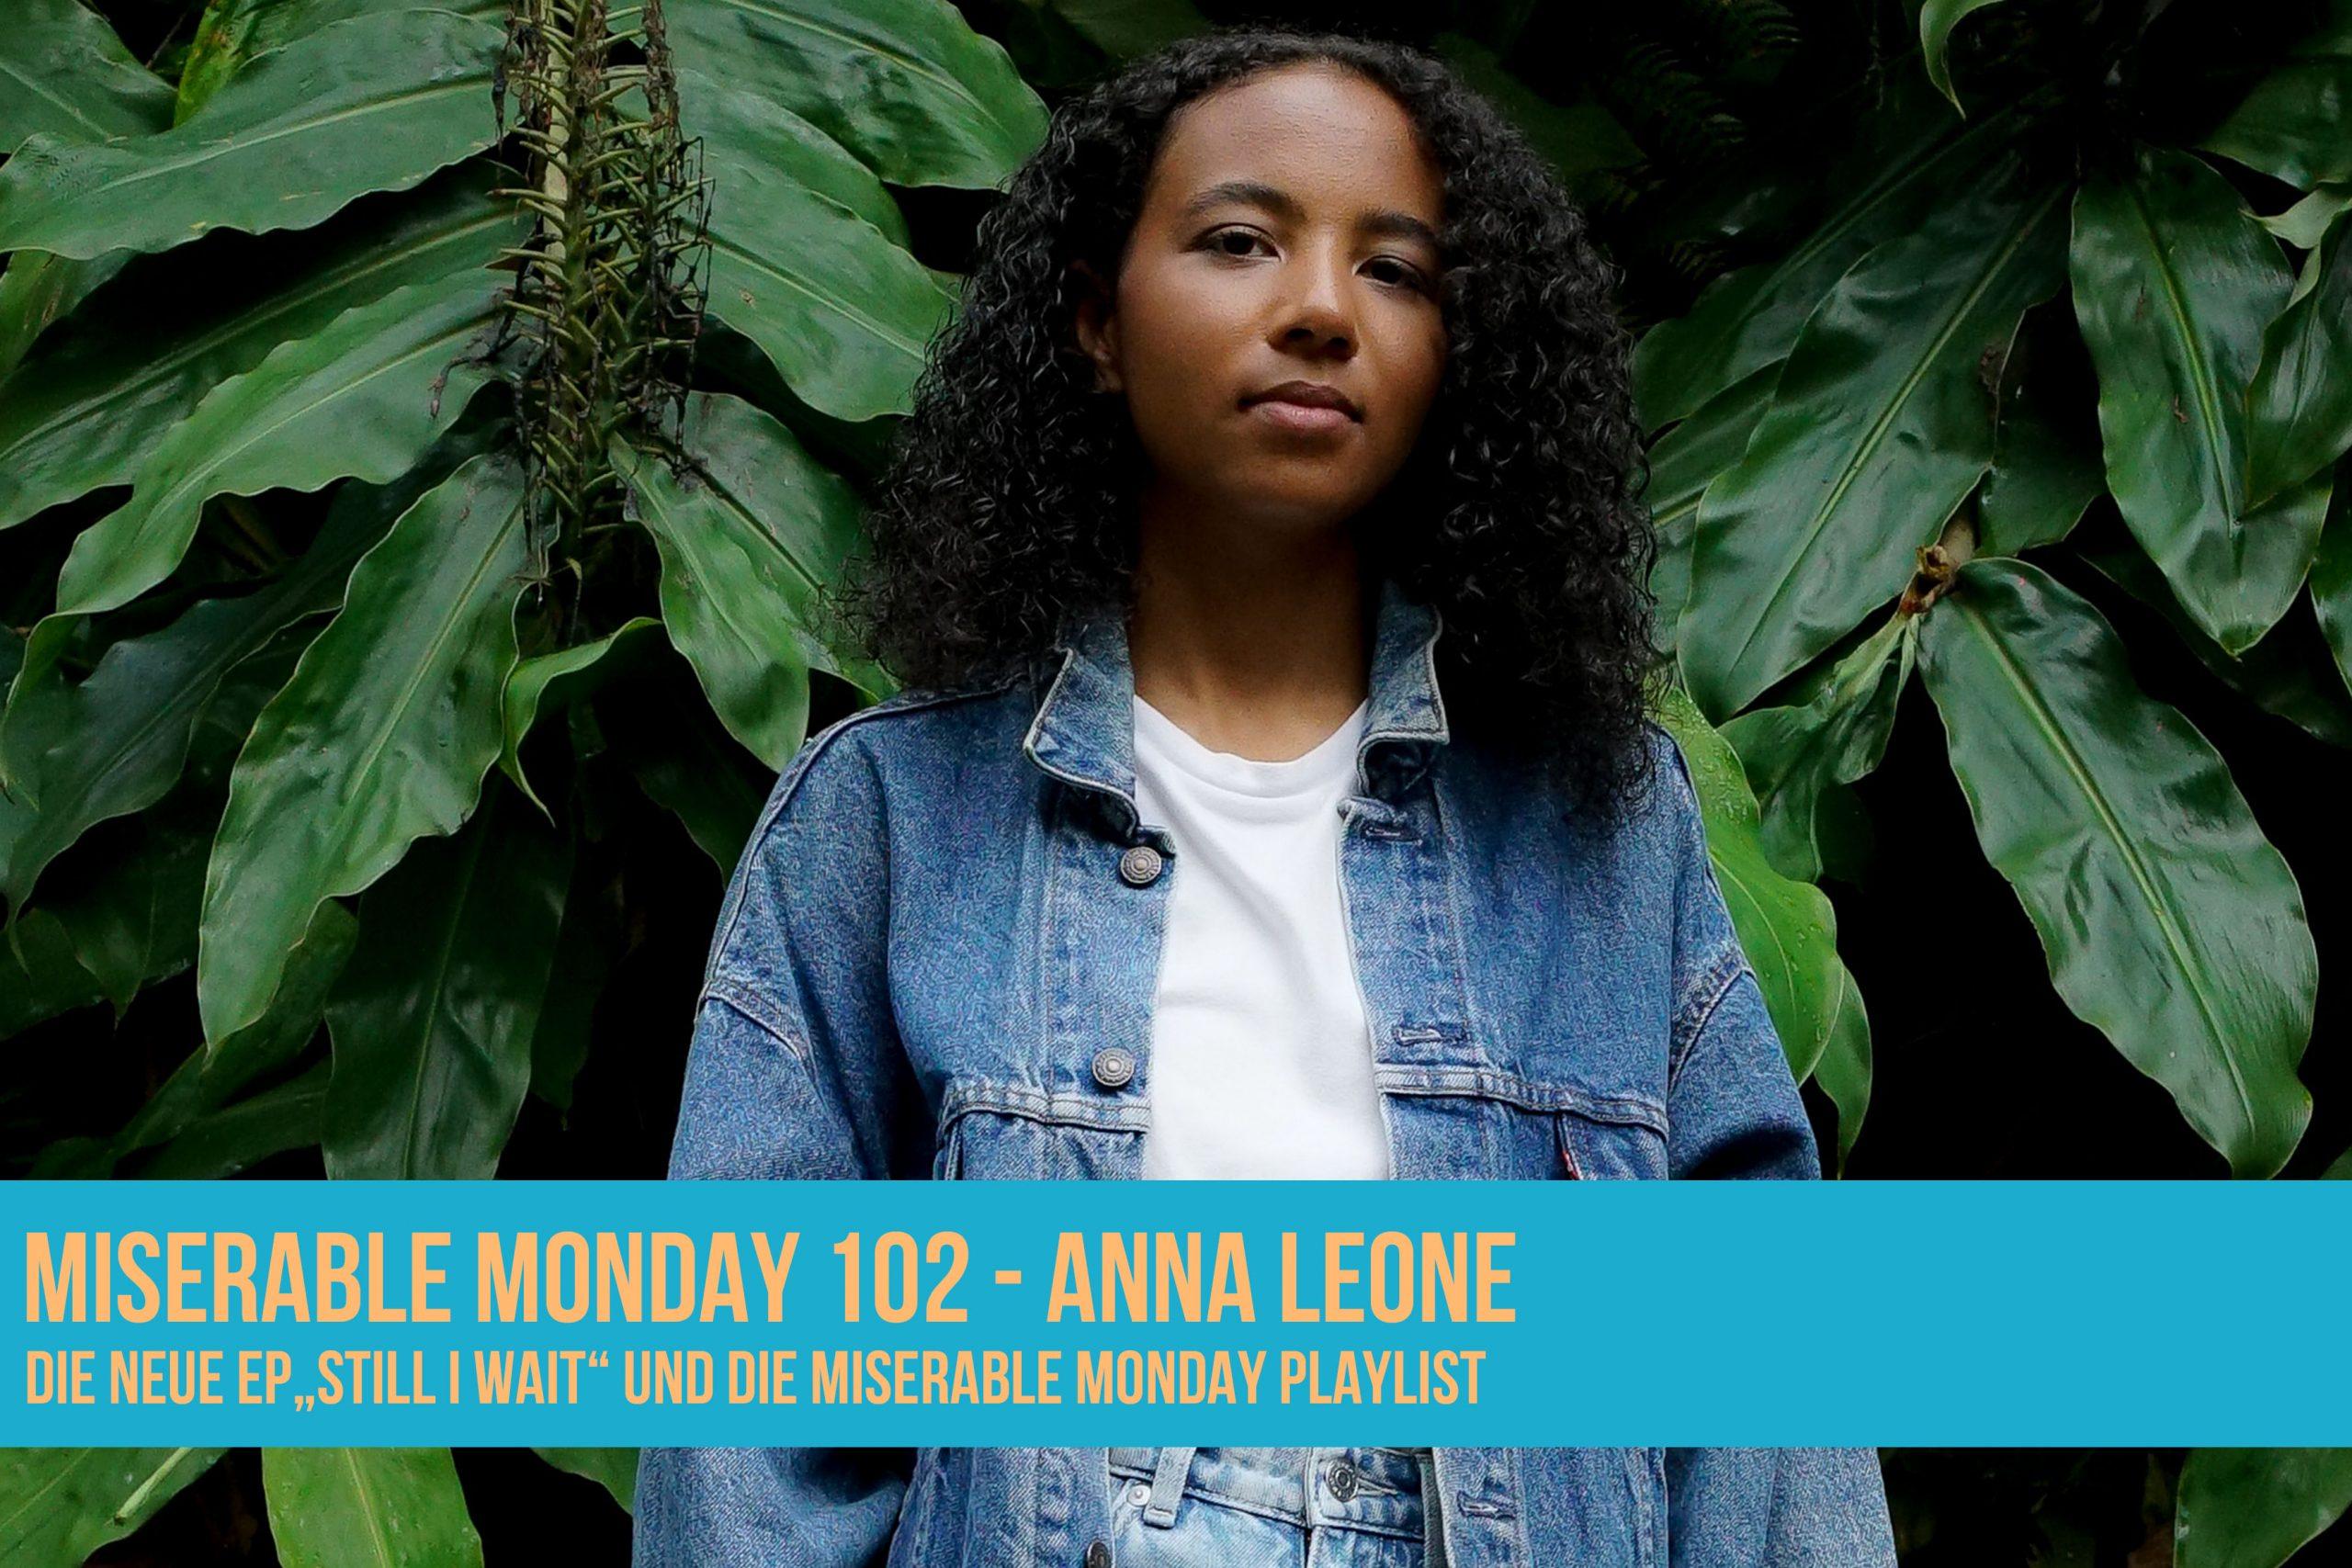 102 - Anna Leone